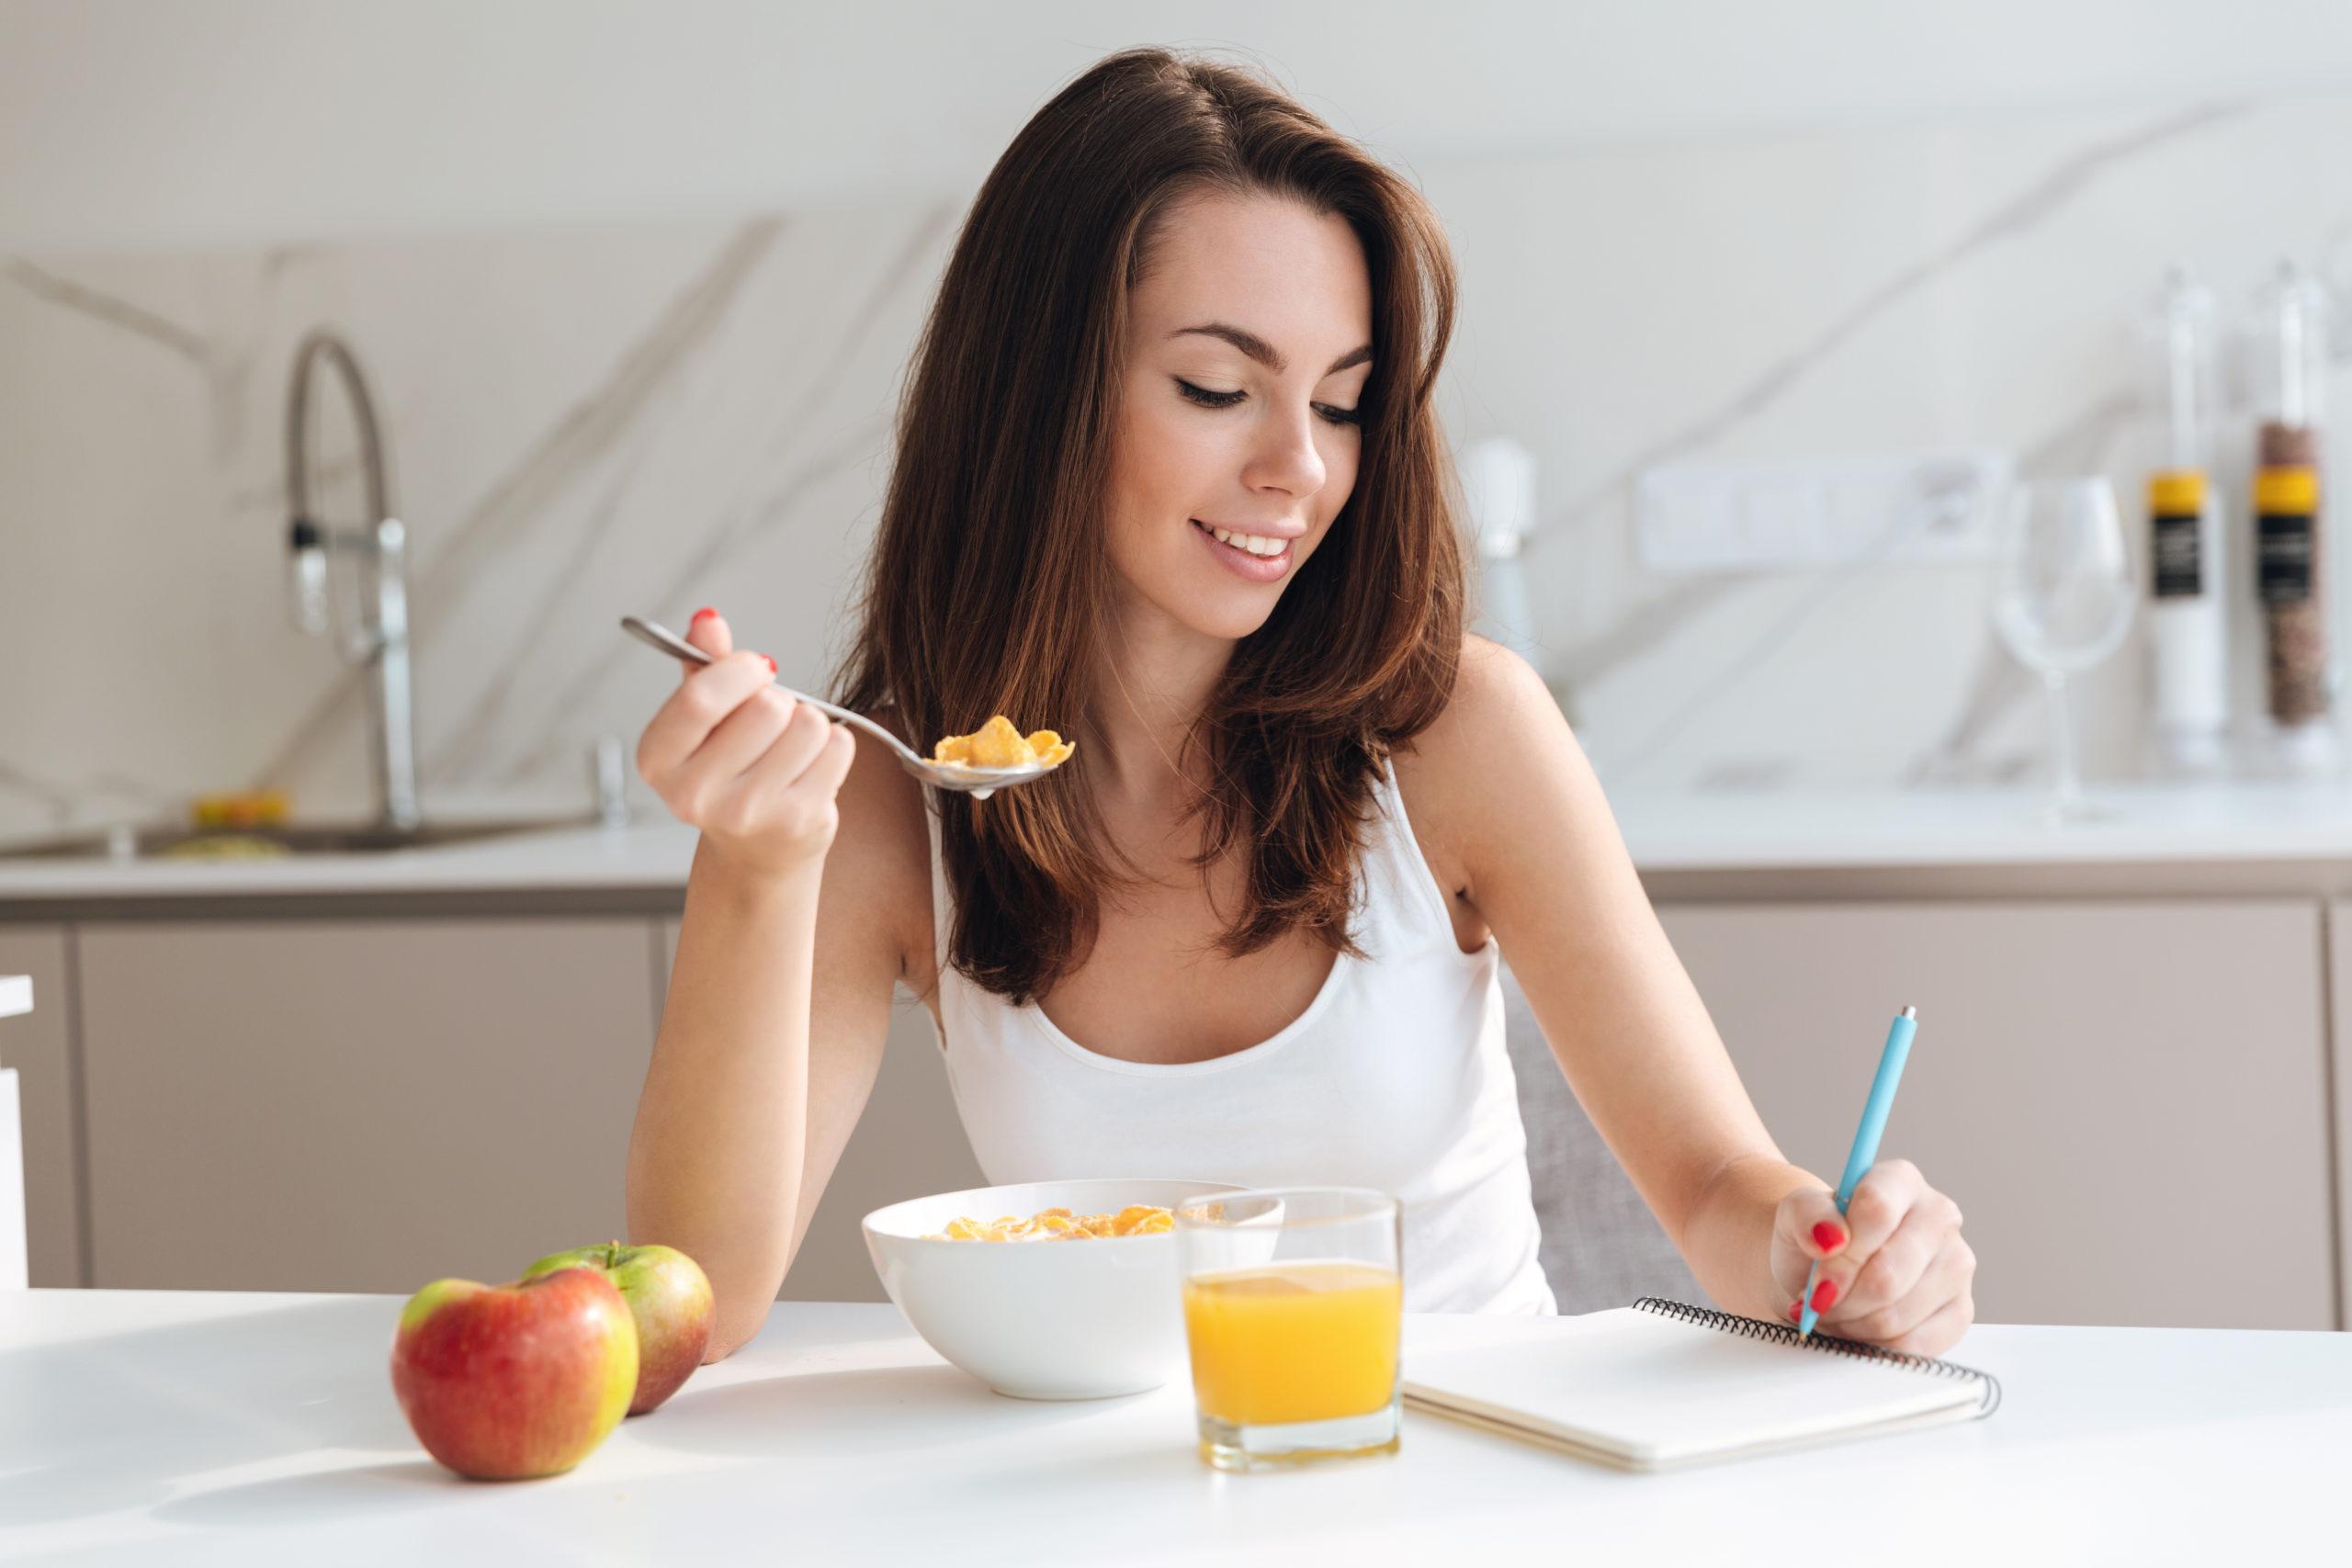 ストレスに効果的な食べ物と飲み物の総まとめ!有効成分もご紹介   食 ...